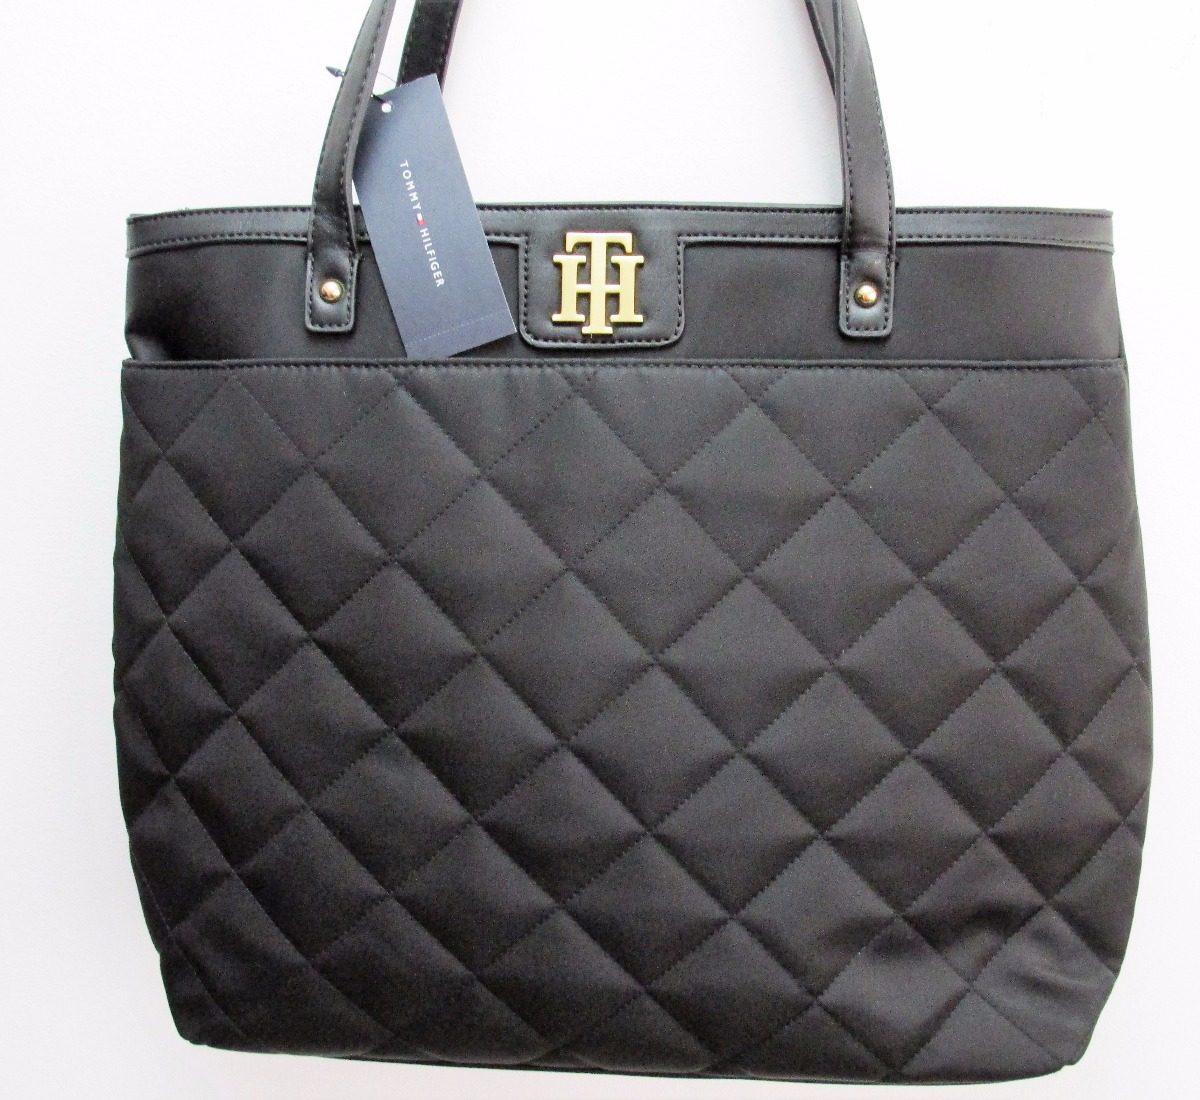 26e5f88d9b5f7 Bolsos Mujer Tommy Hilfiger Originales 100% -   229.900 en Mercado Libre